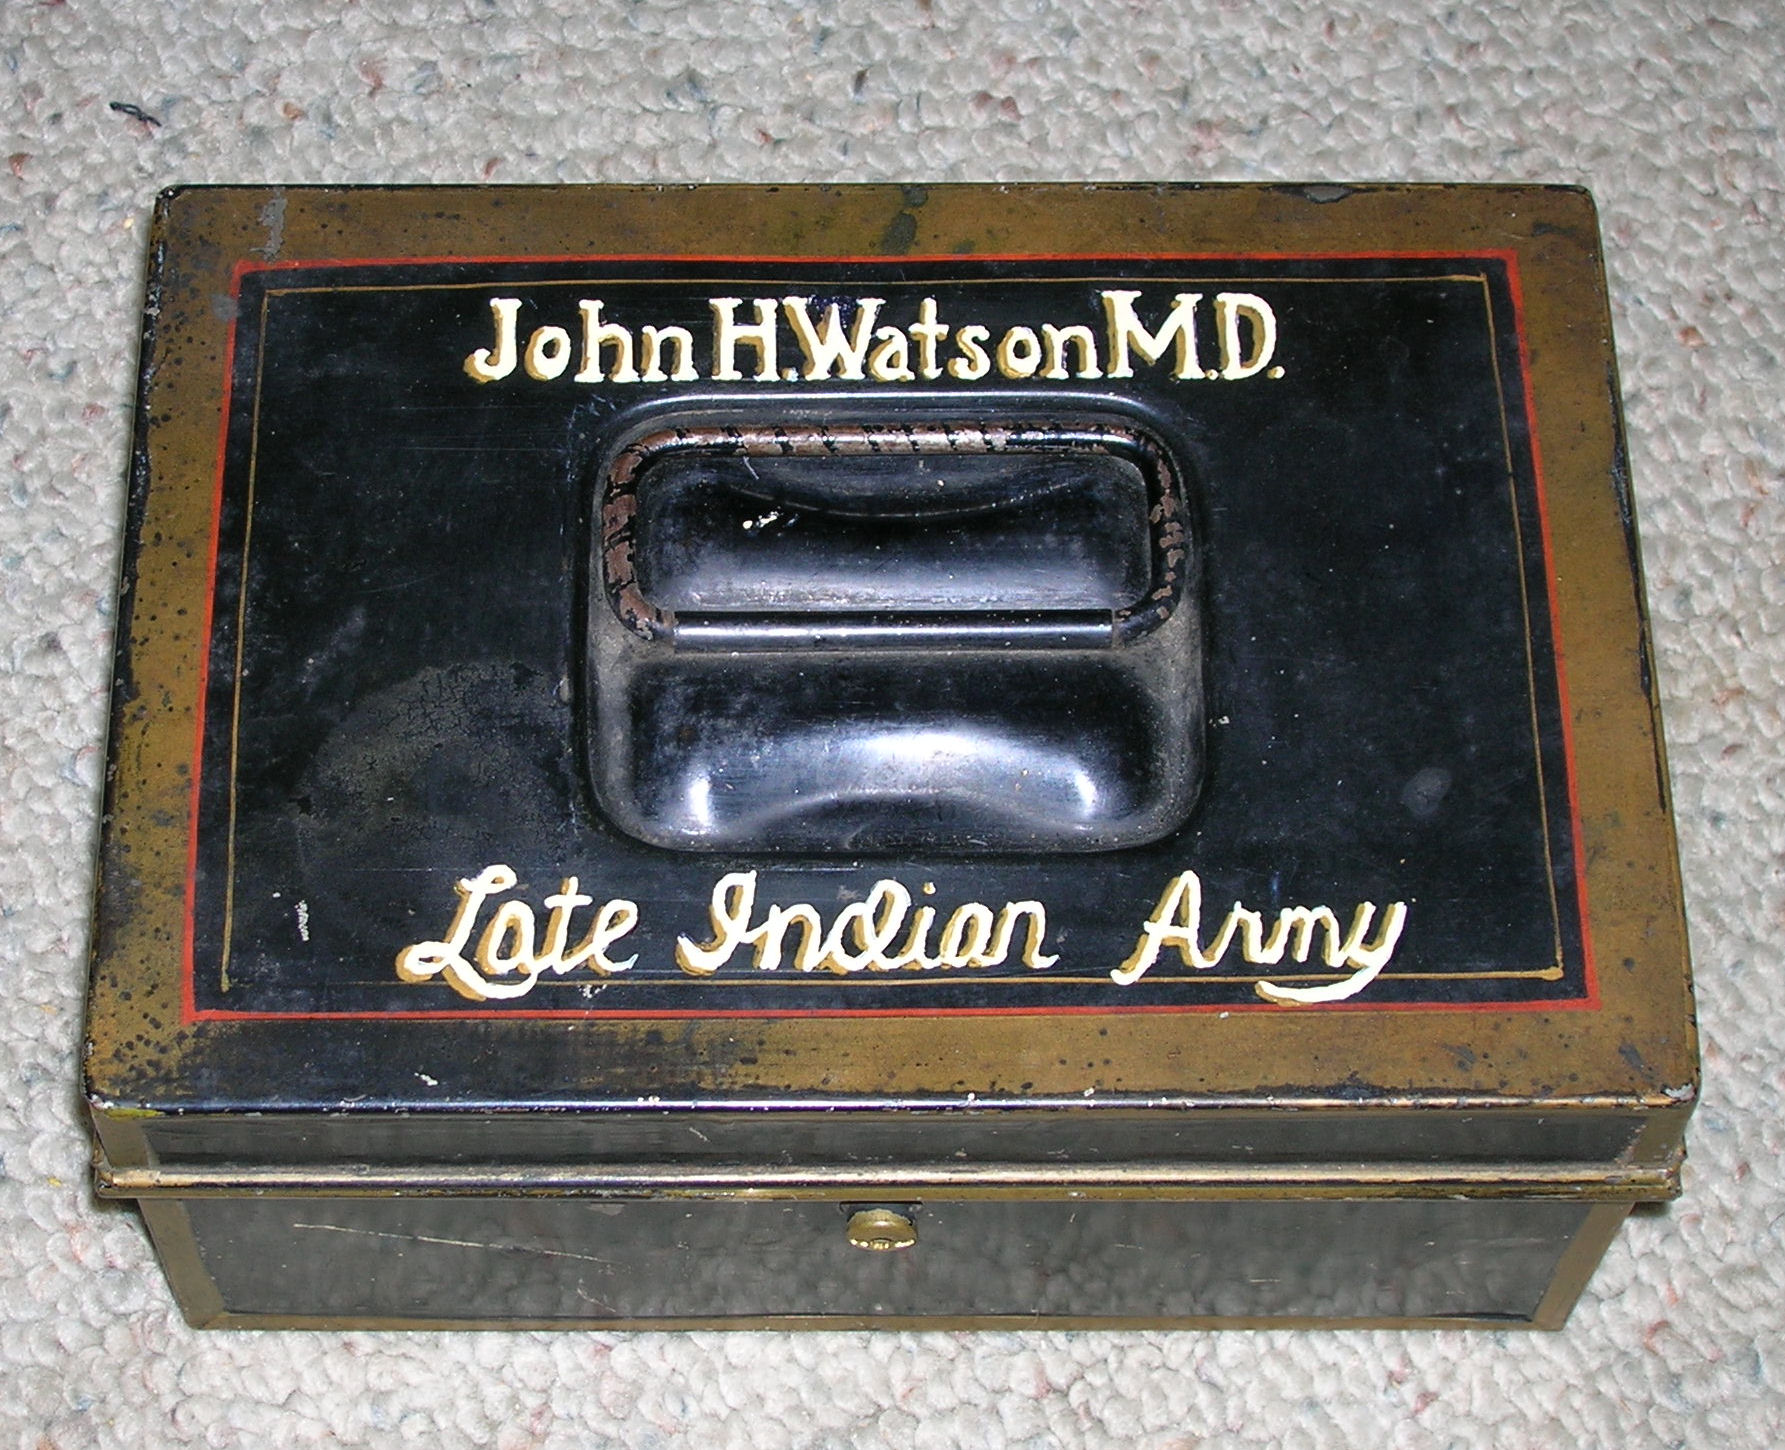 From Watson's Tin Box – The Cardboard Box